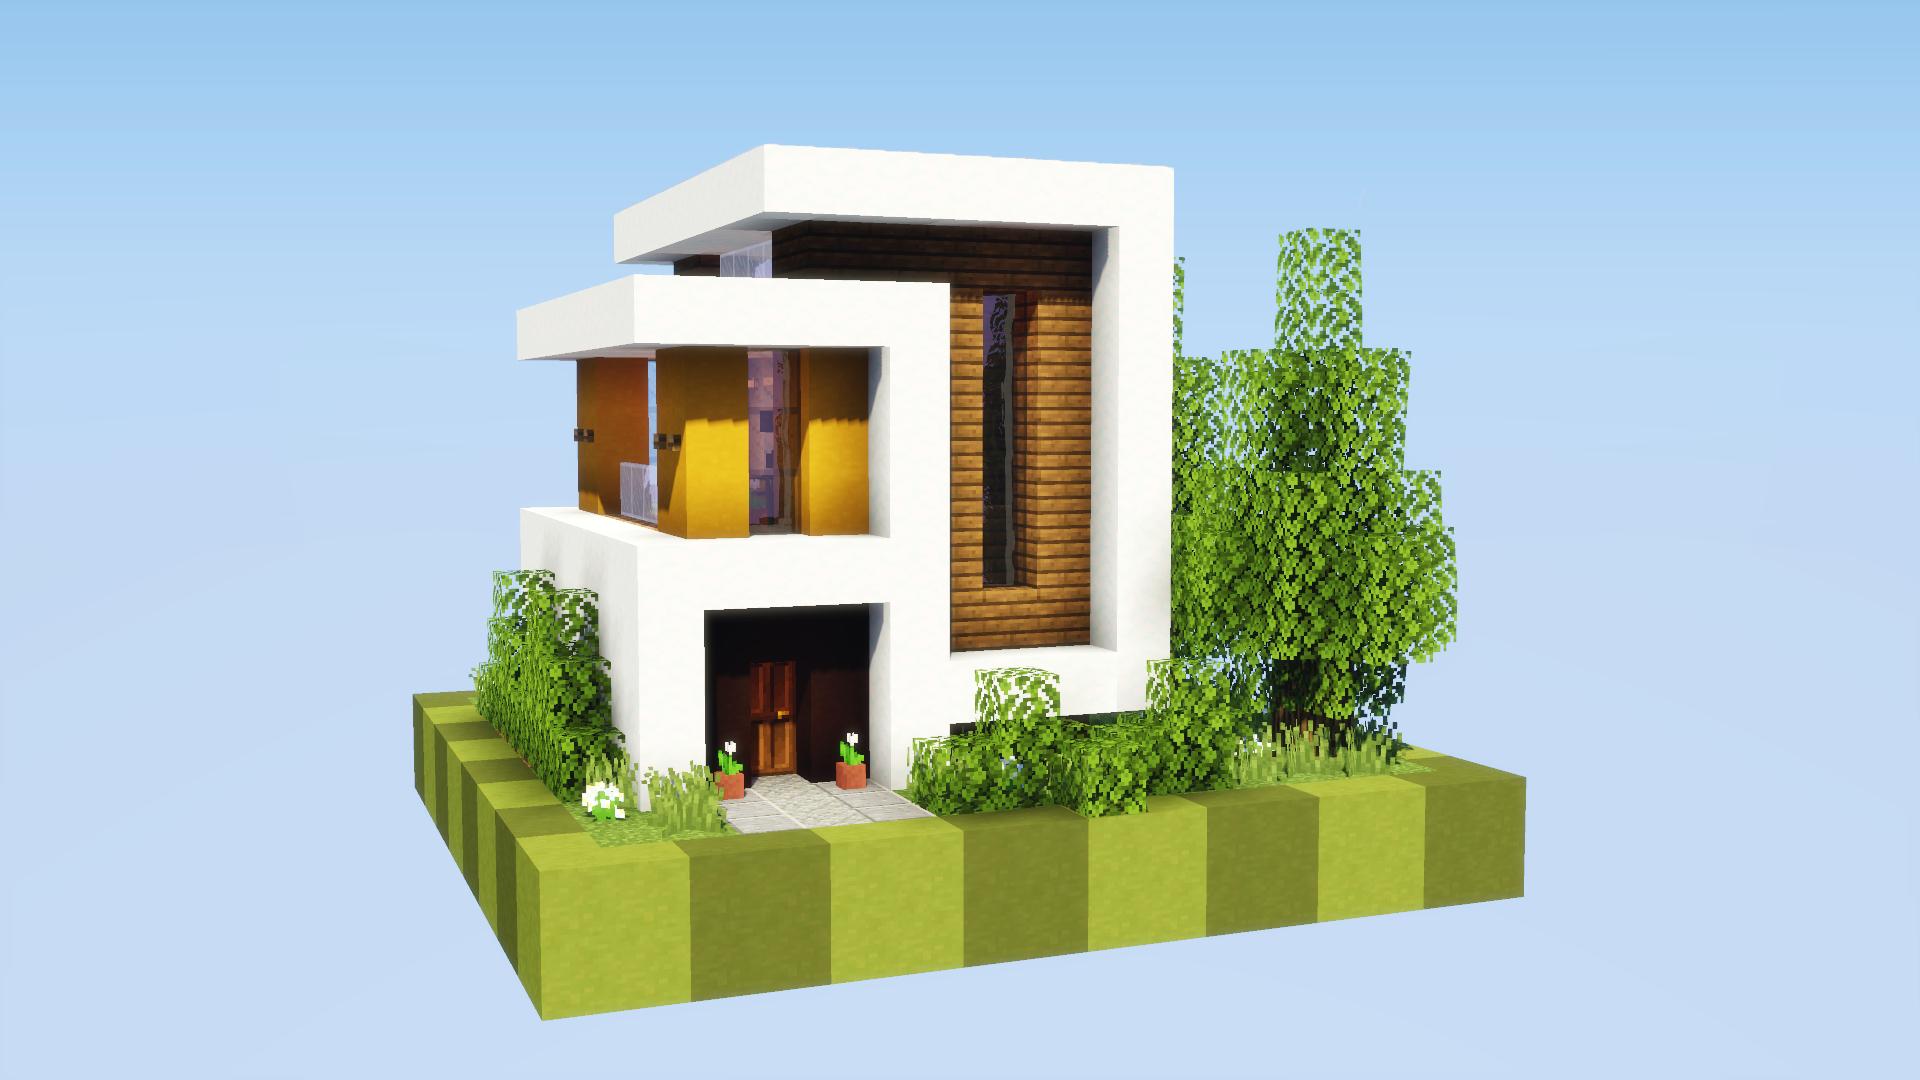 Petite maison moderne dans minecraft